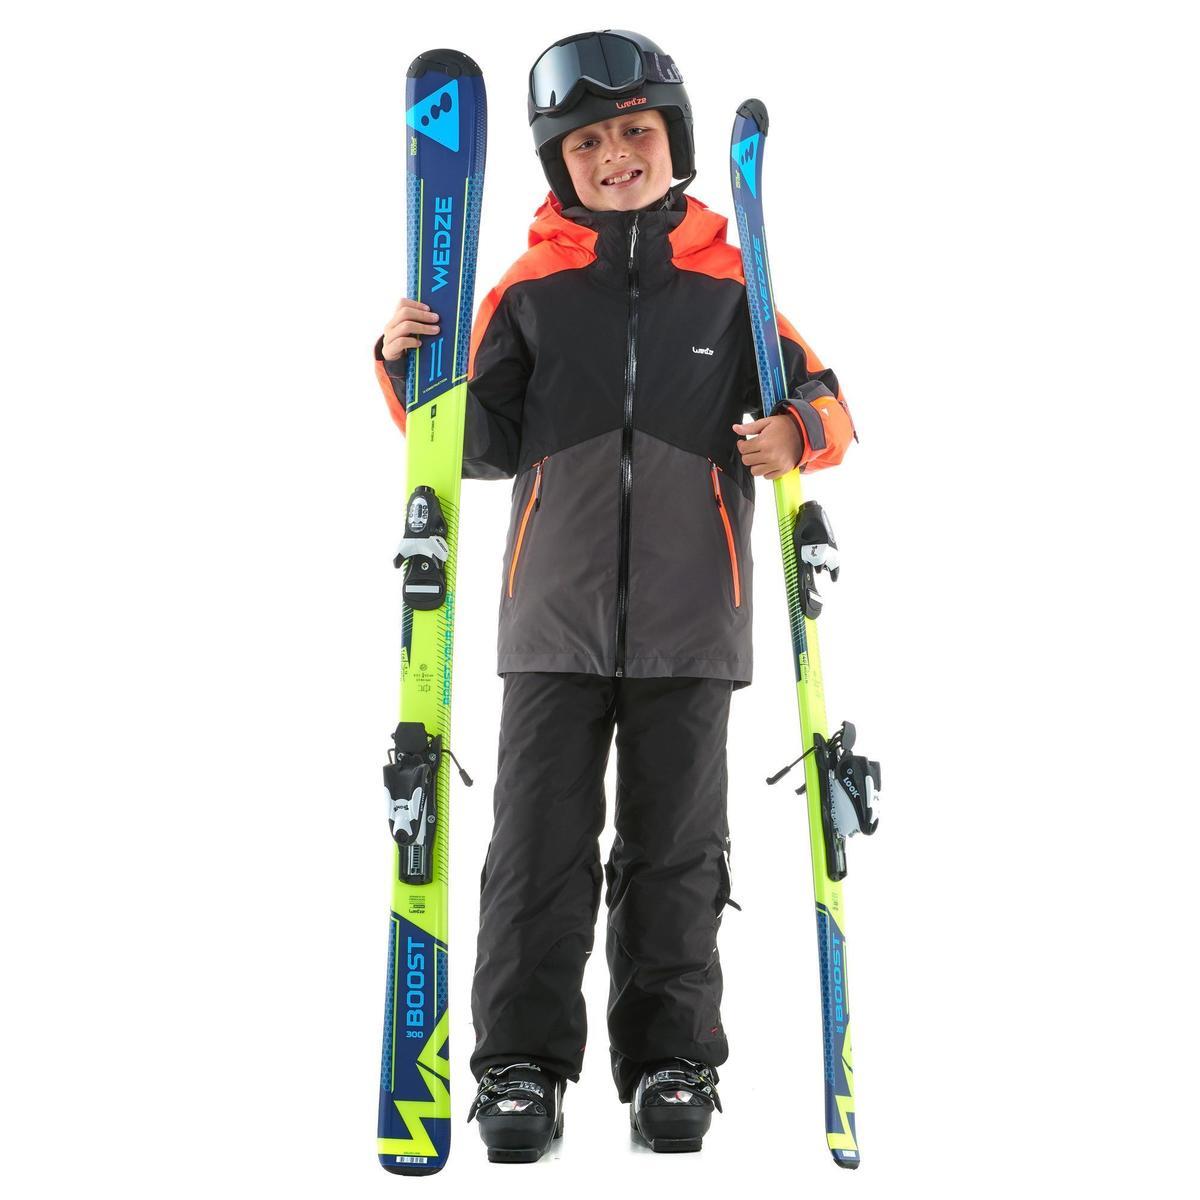 Bild 2 von Skijacke 580 Kinder schwarz/neonorange